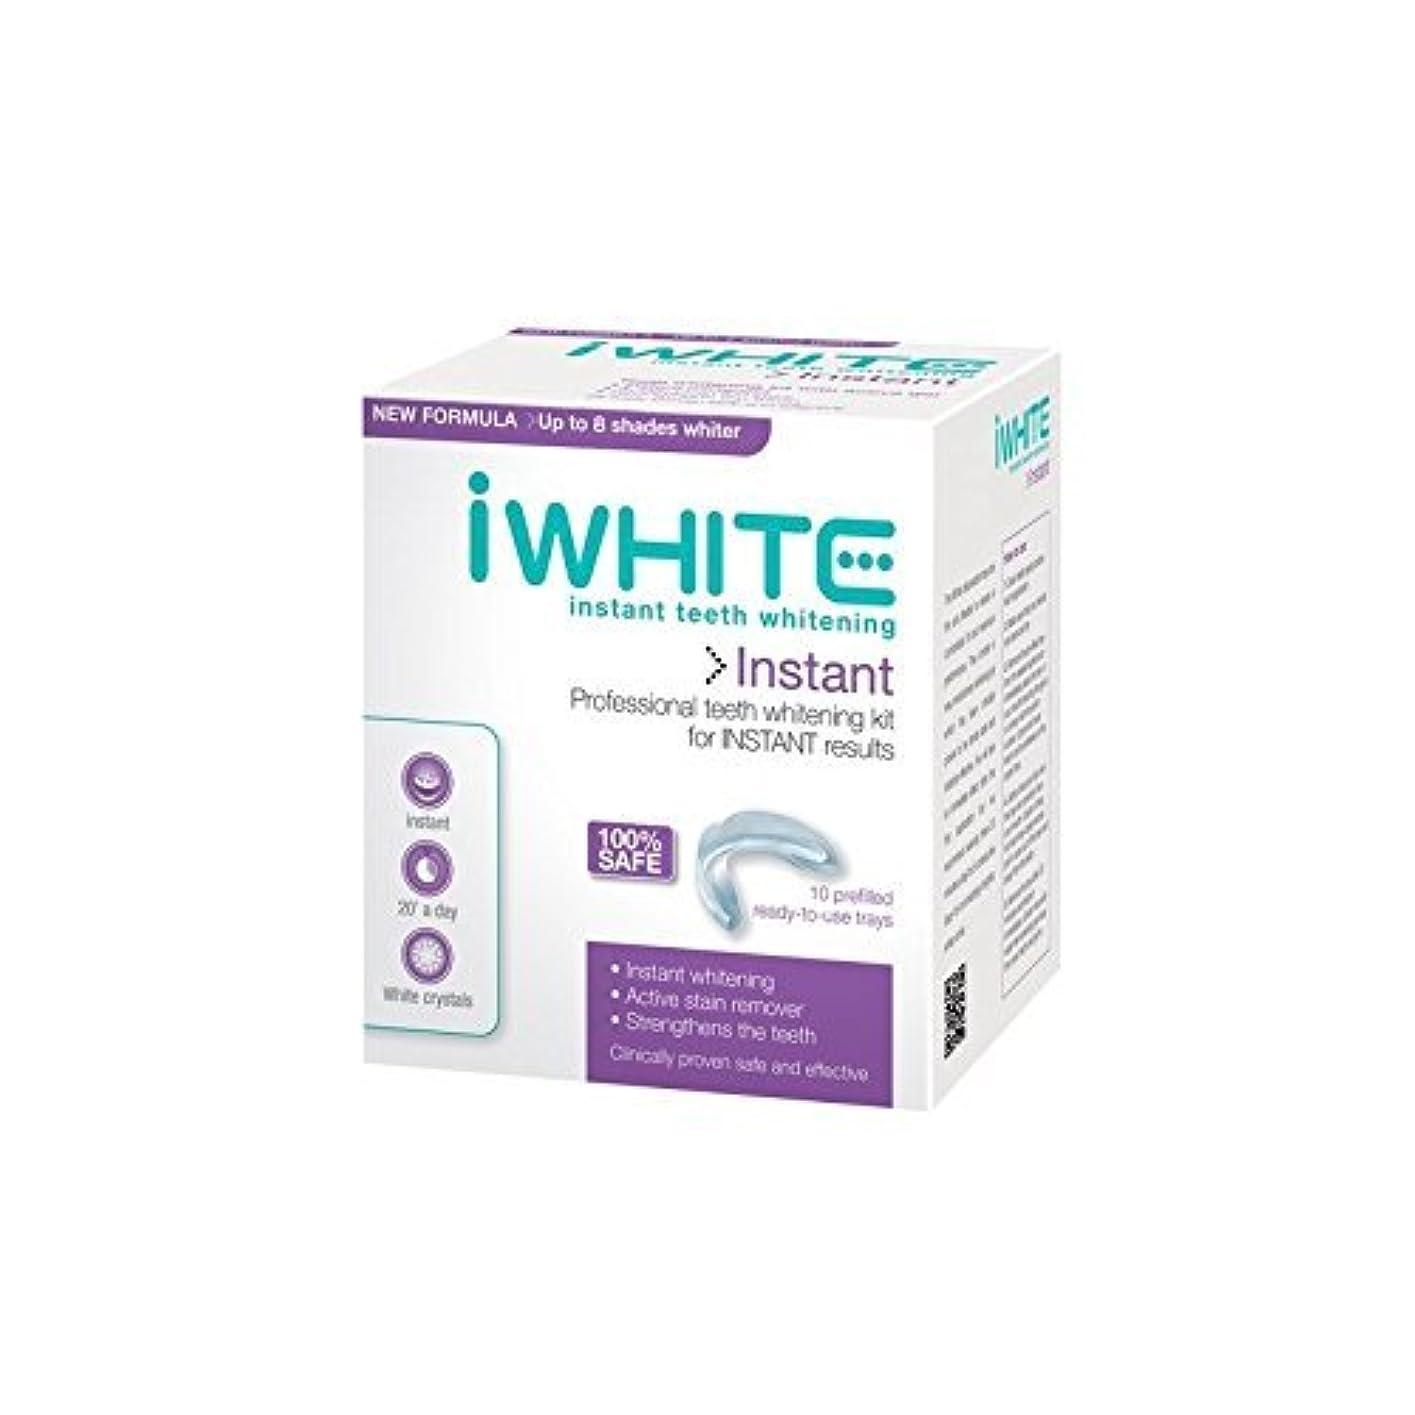 しょっぱいシャンパン視線iWhite Instant Professional Teeth Whitening Kit (10 Trays) - キットを白くするインスタントプロの歯(10個のトレー) [並行輸入品]